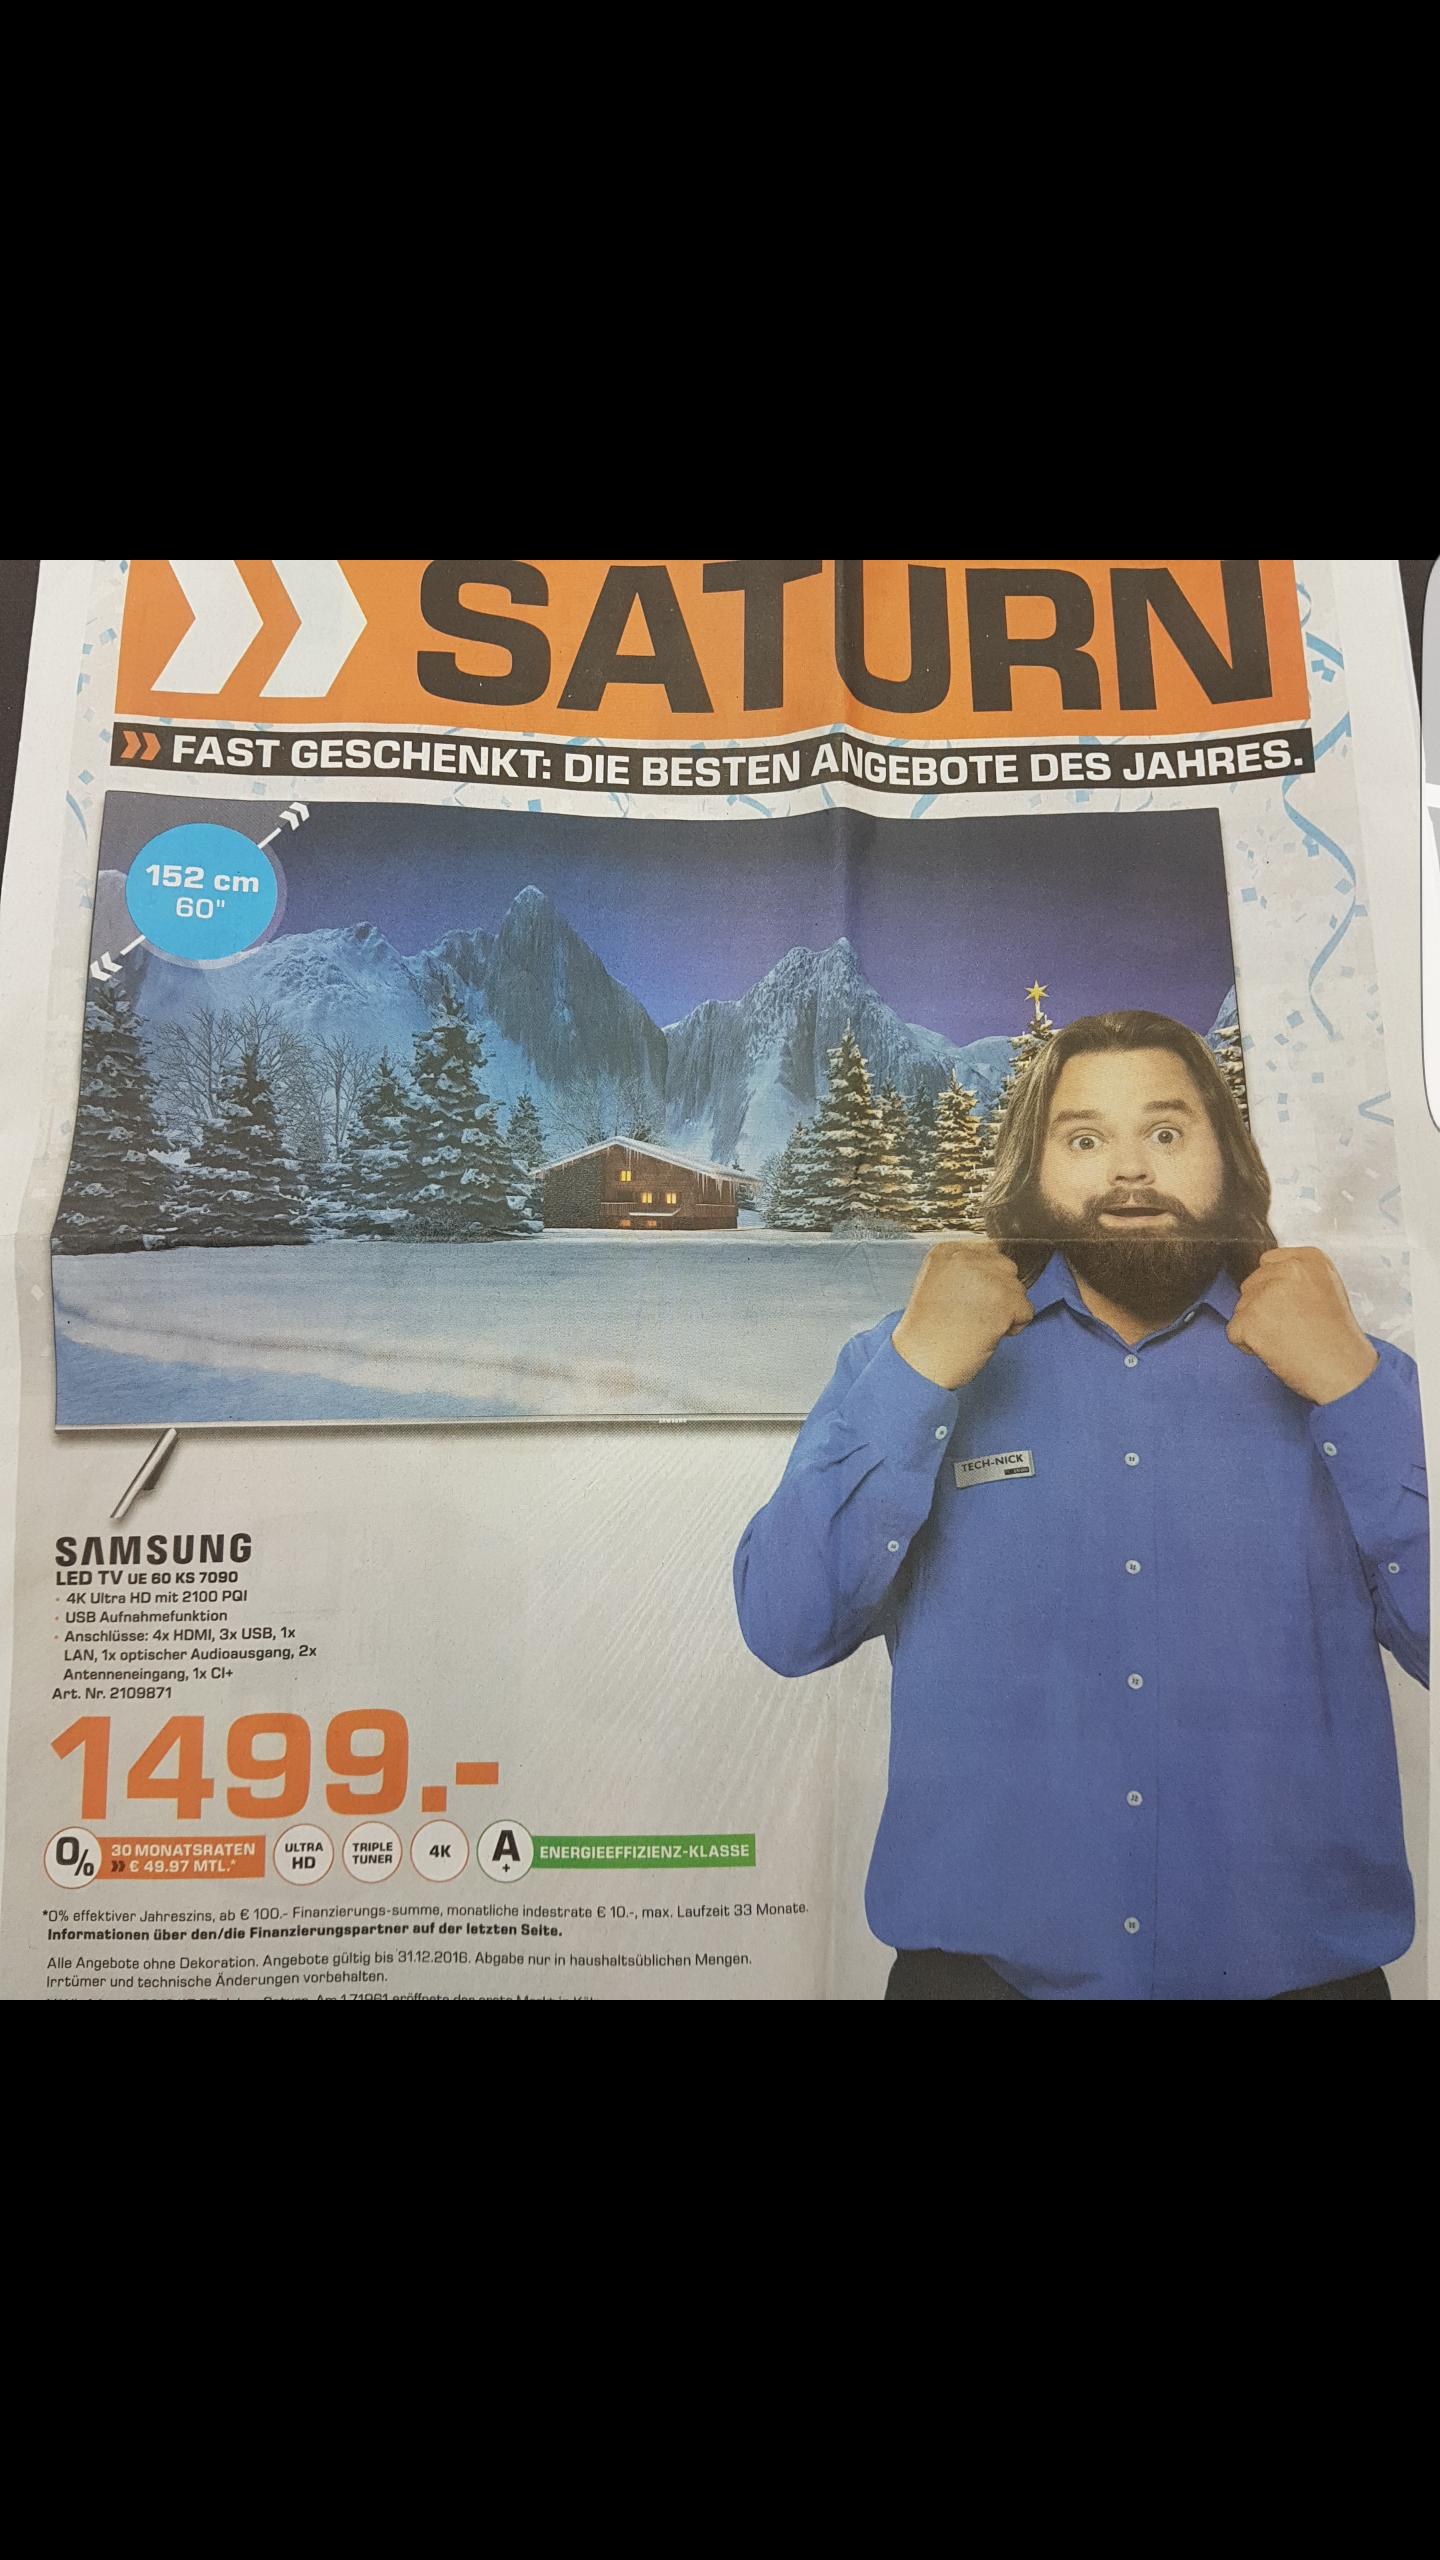 Samsung Ue60ks7090 für 1499€ im Saturn Wolfsburg!